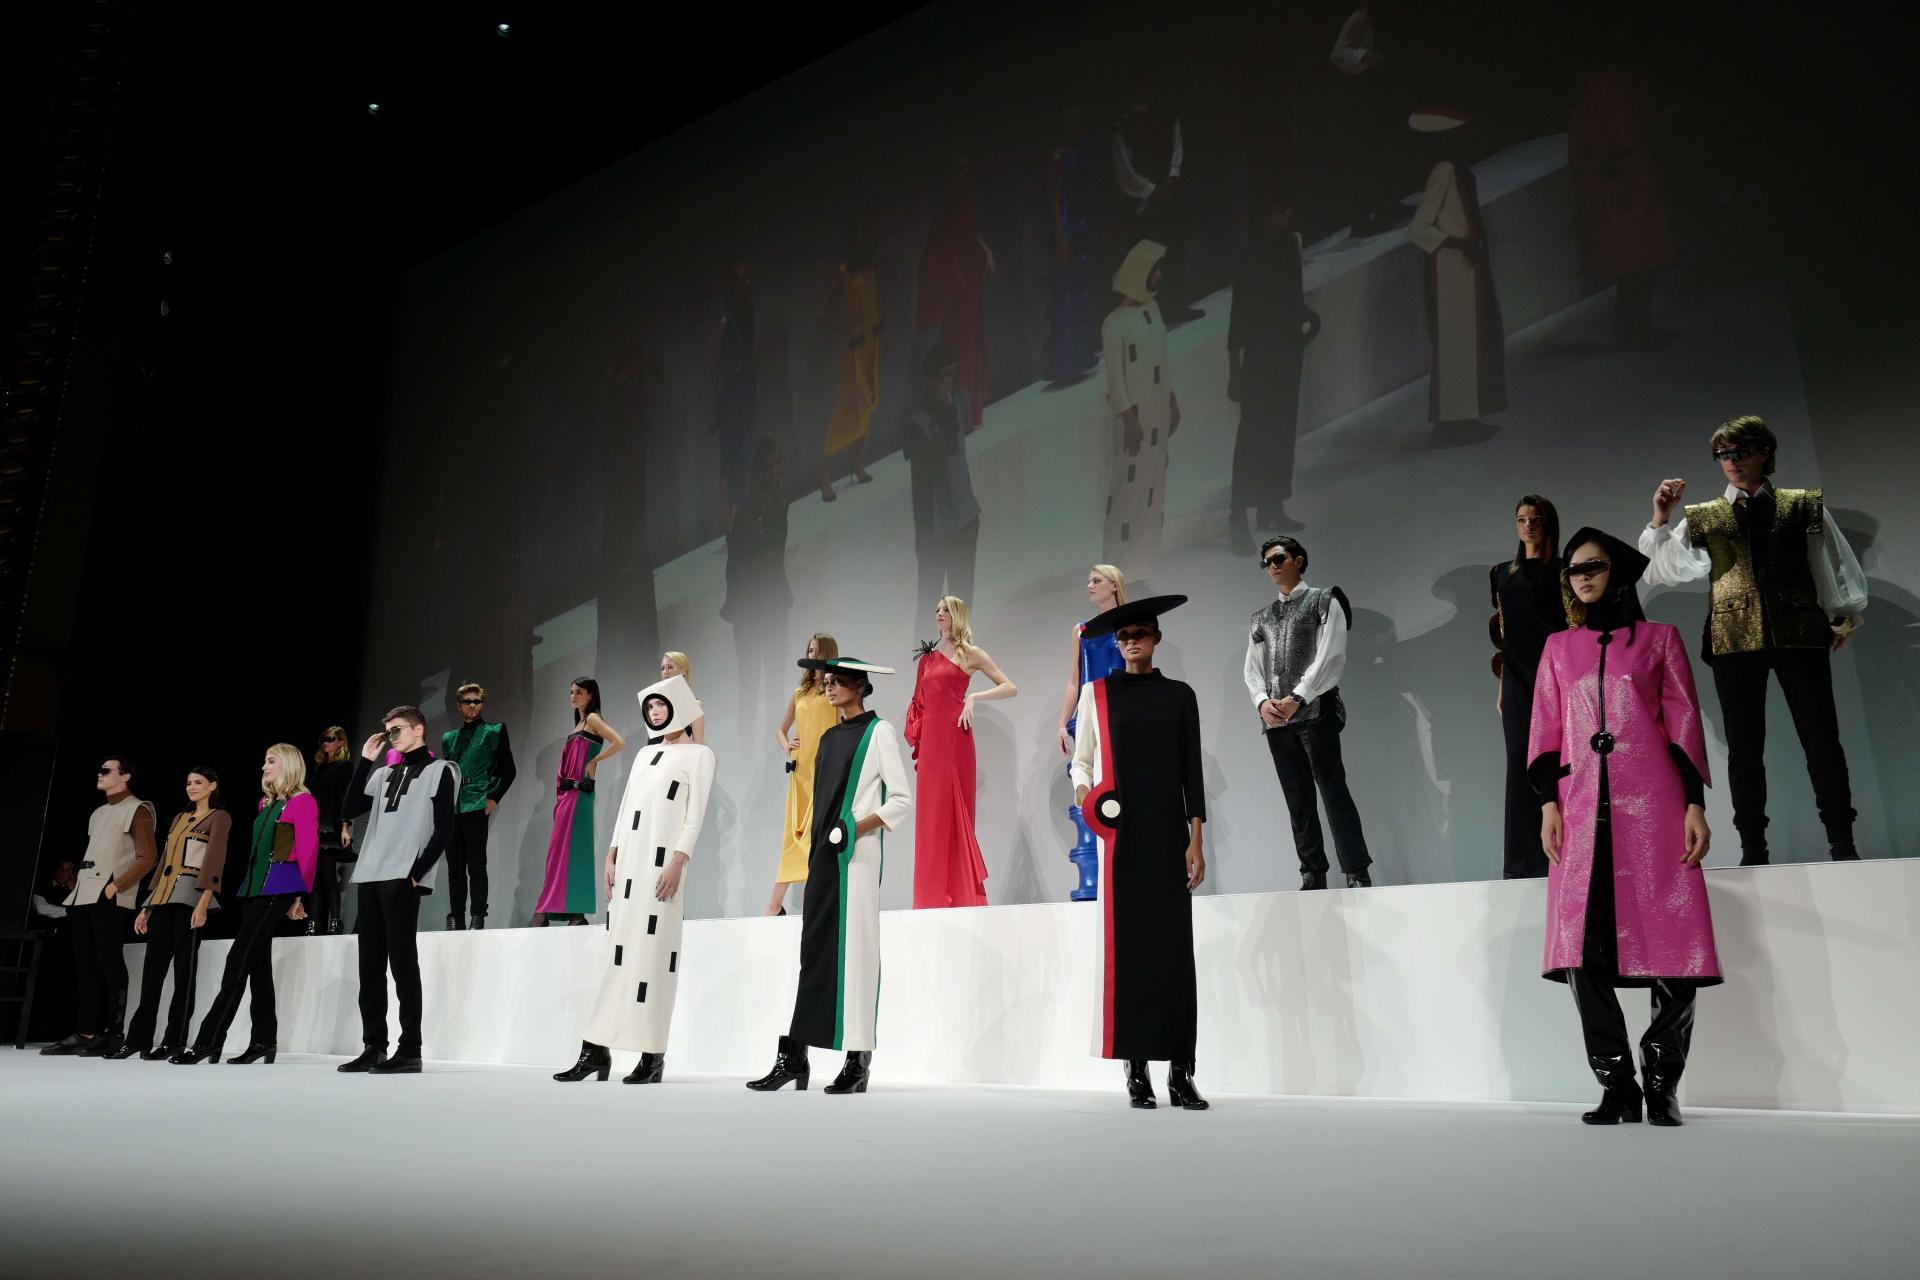 Défilé pour les 70 ans de carrière de Pierre Cardin, au théâtre du Châtelet, à Paris, le 21 septembre 2020.